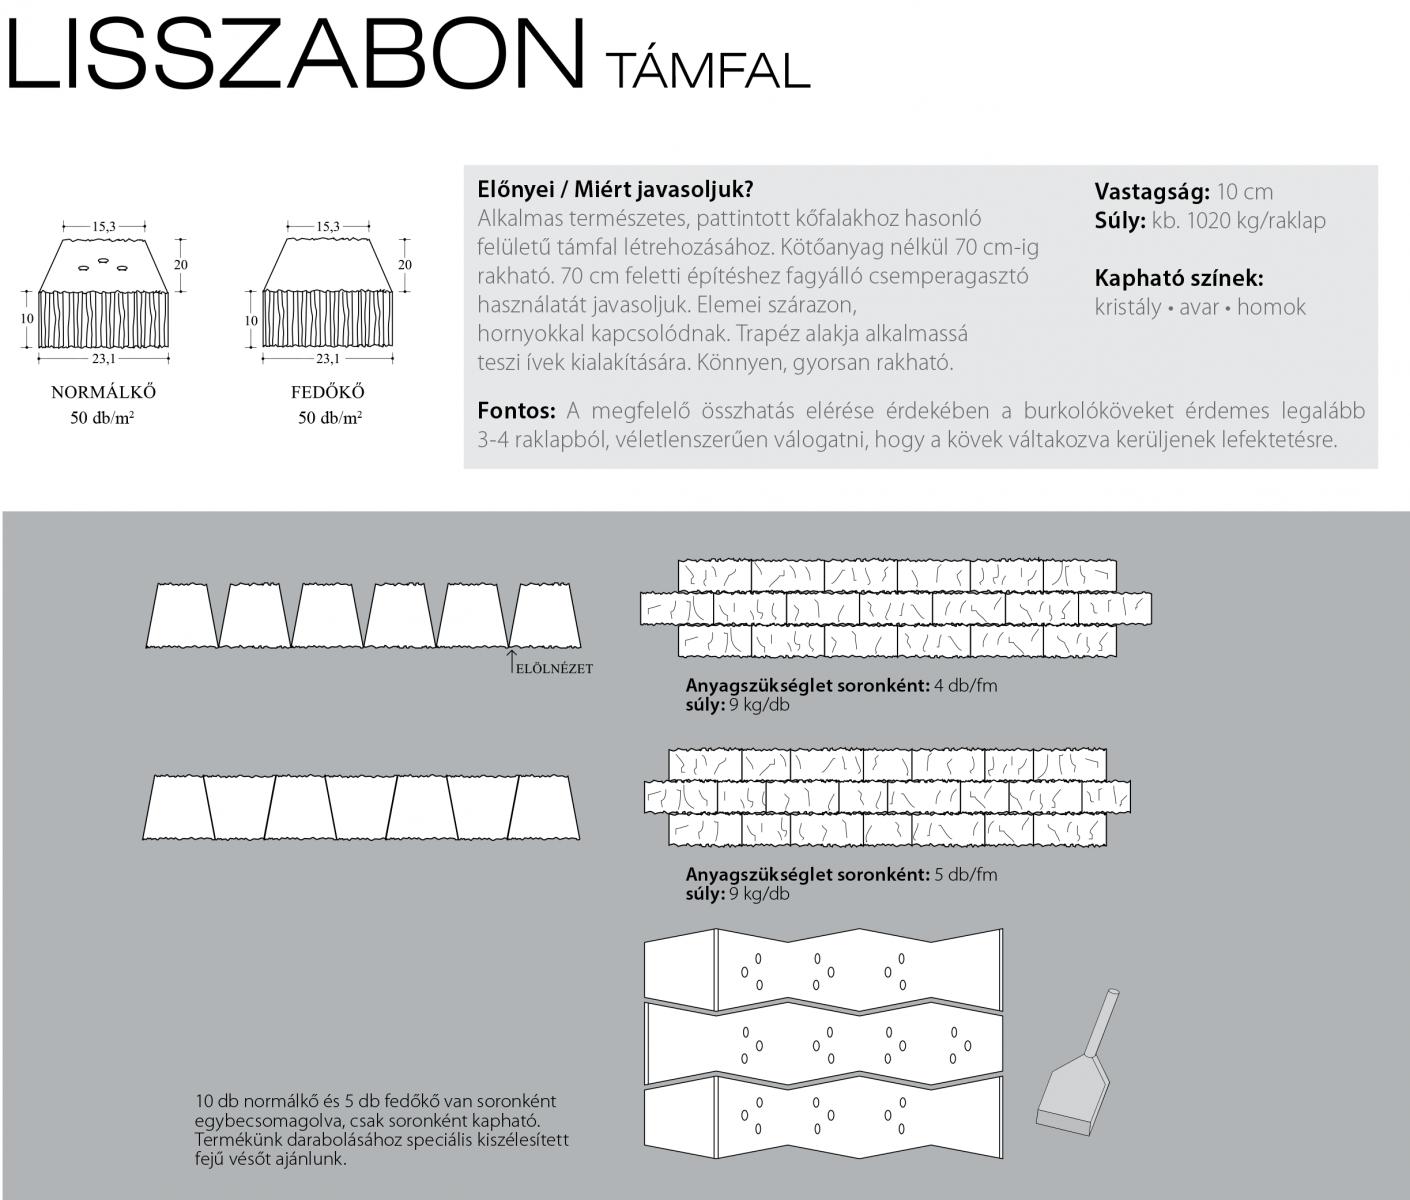 Lisszabon támfal technikai információi